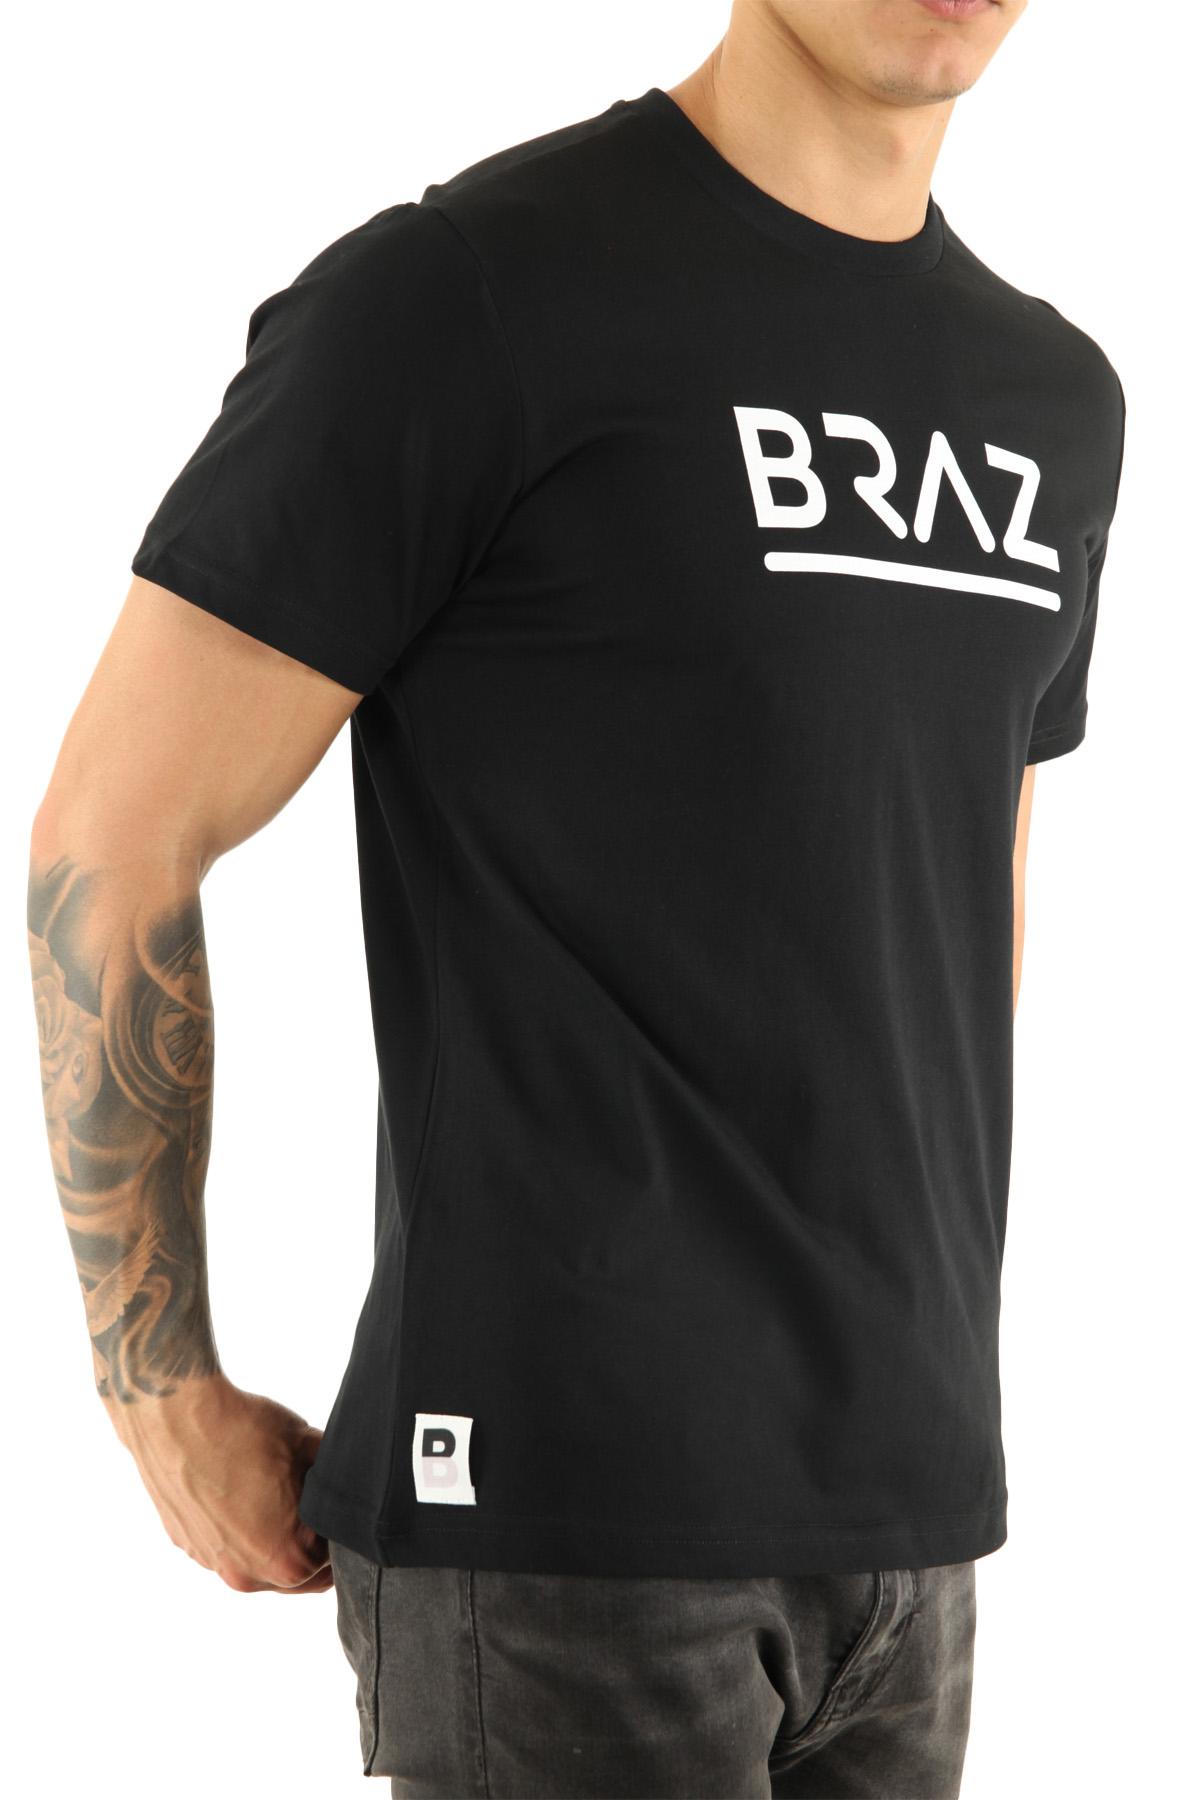 Tee-shirts  Braz T-SHIRT BR 213219 BLACK